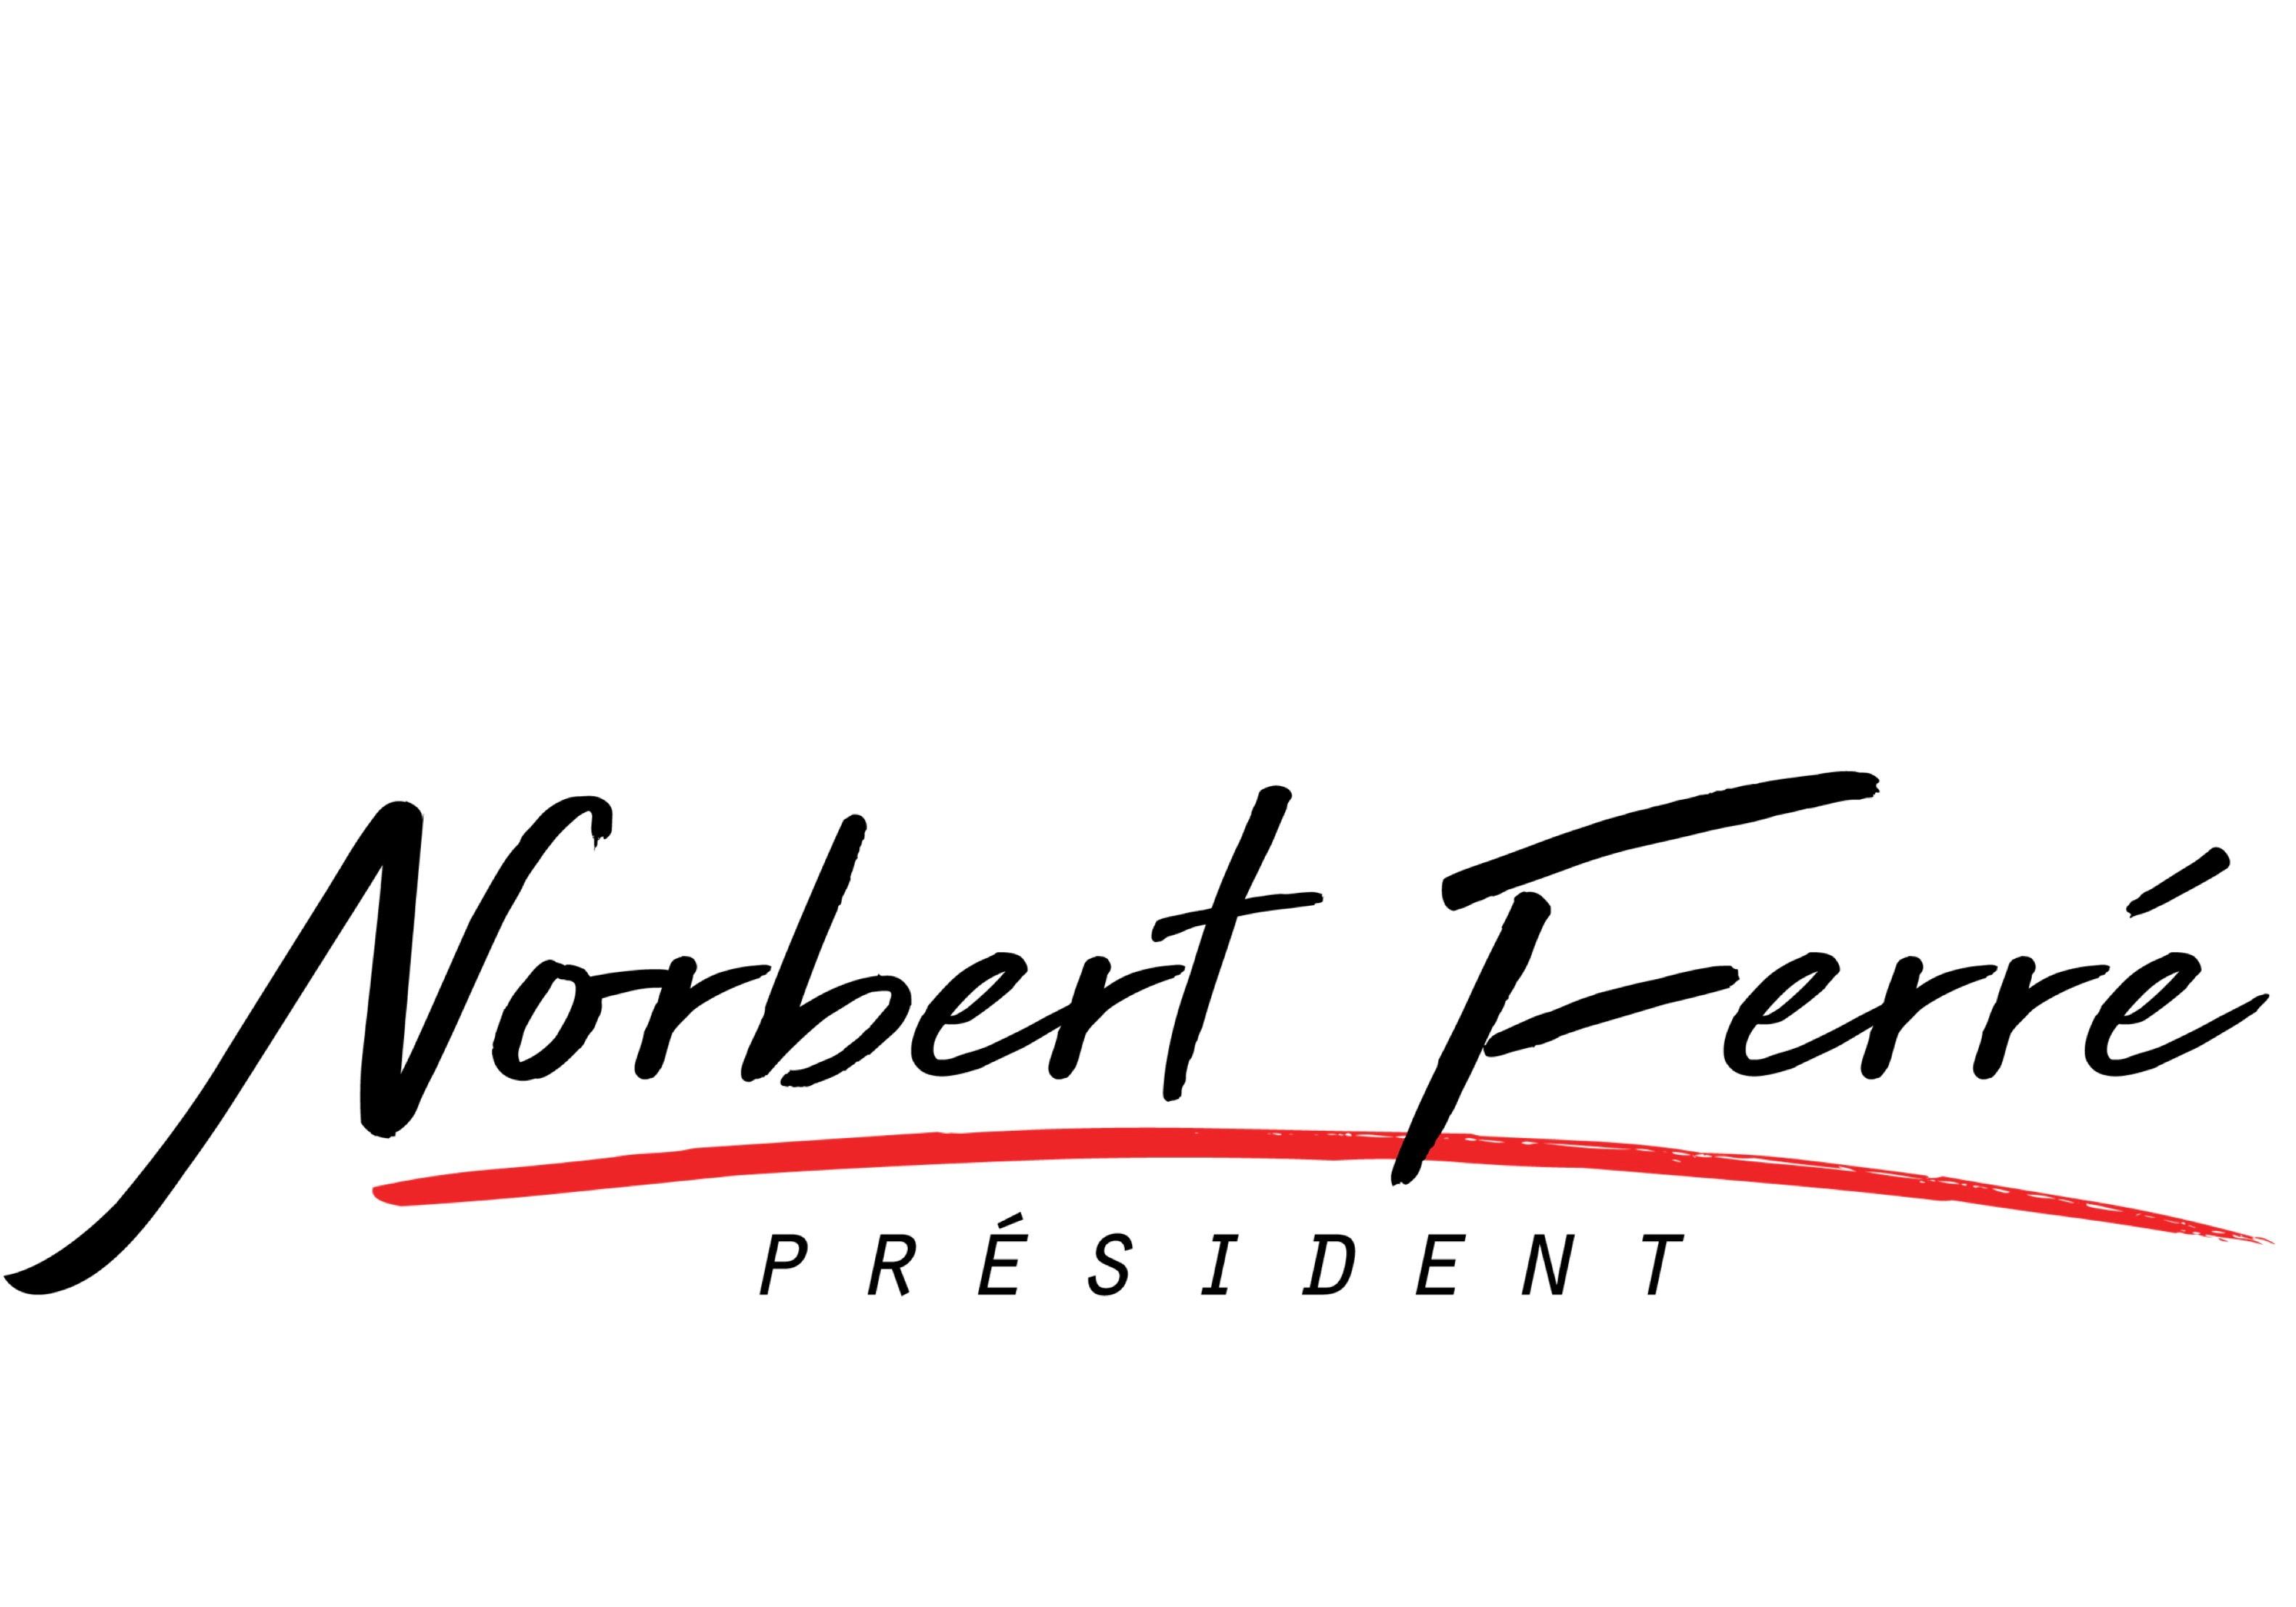 Norbert Ferré